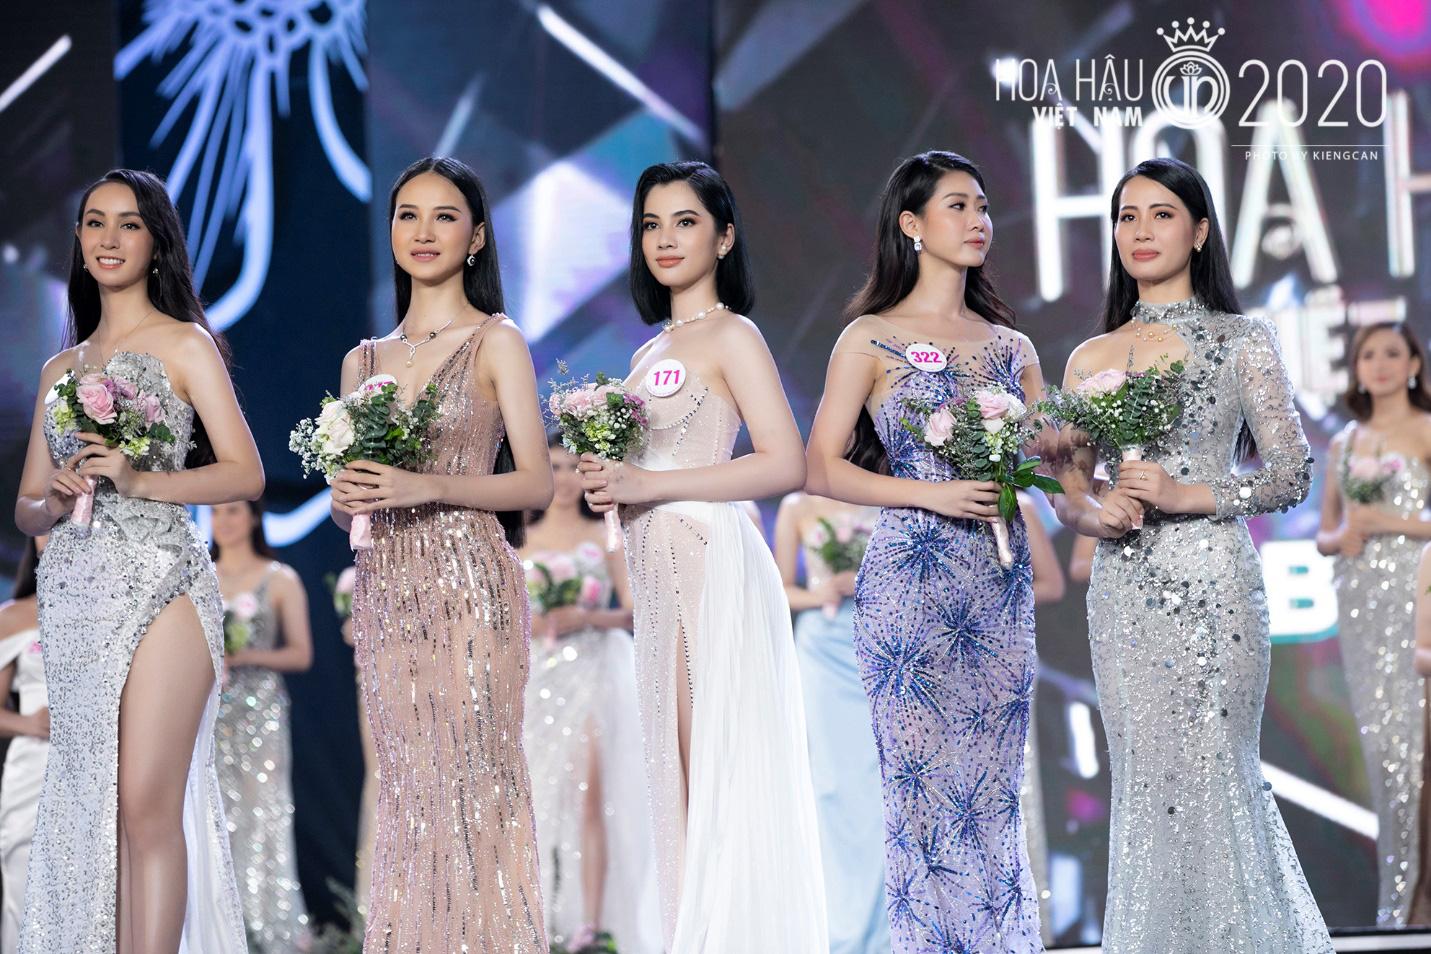 Quyến rũ trong từng đường nét, người đẹp hàng không đi tiếp vào Chung kết Hoa hậu Việt Nam 2020 - Ảnh 3.